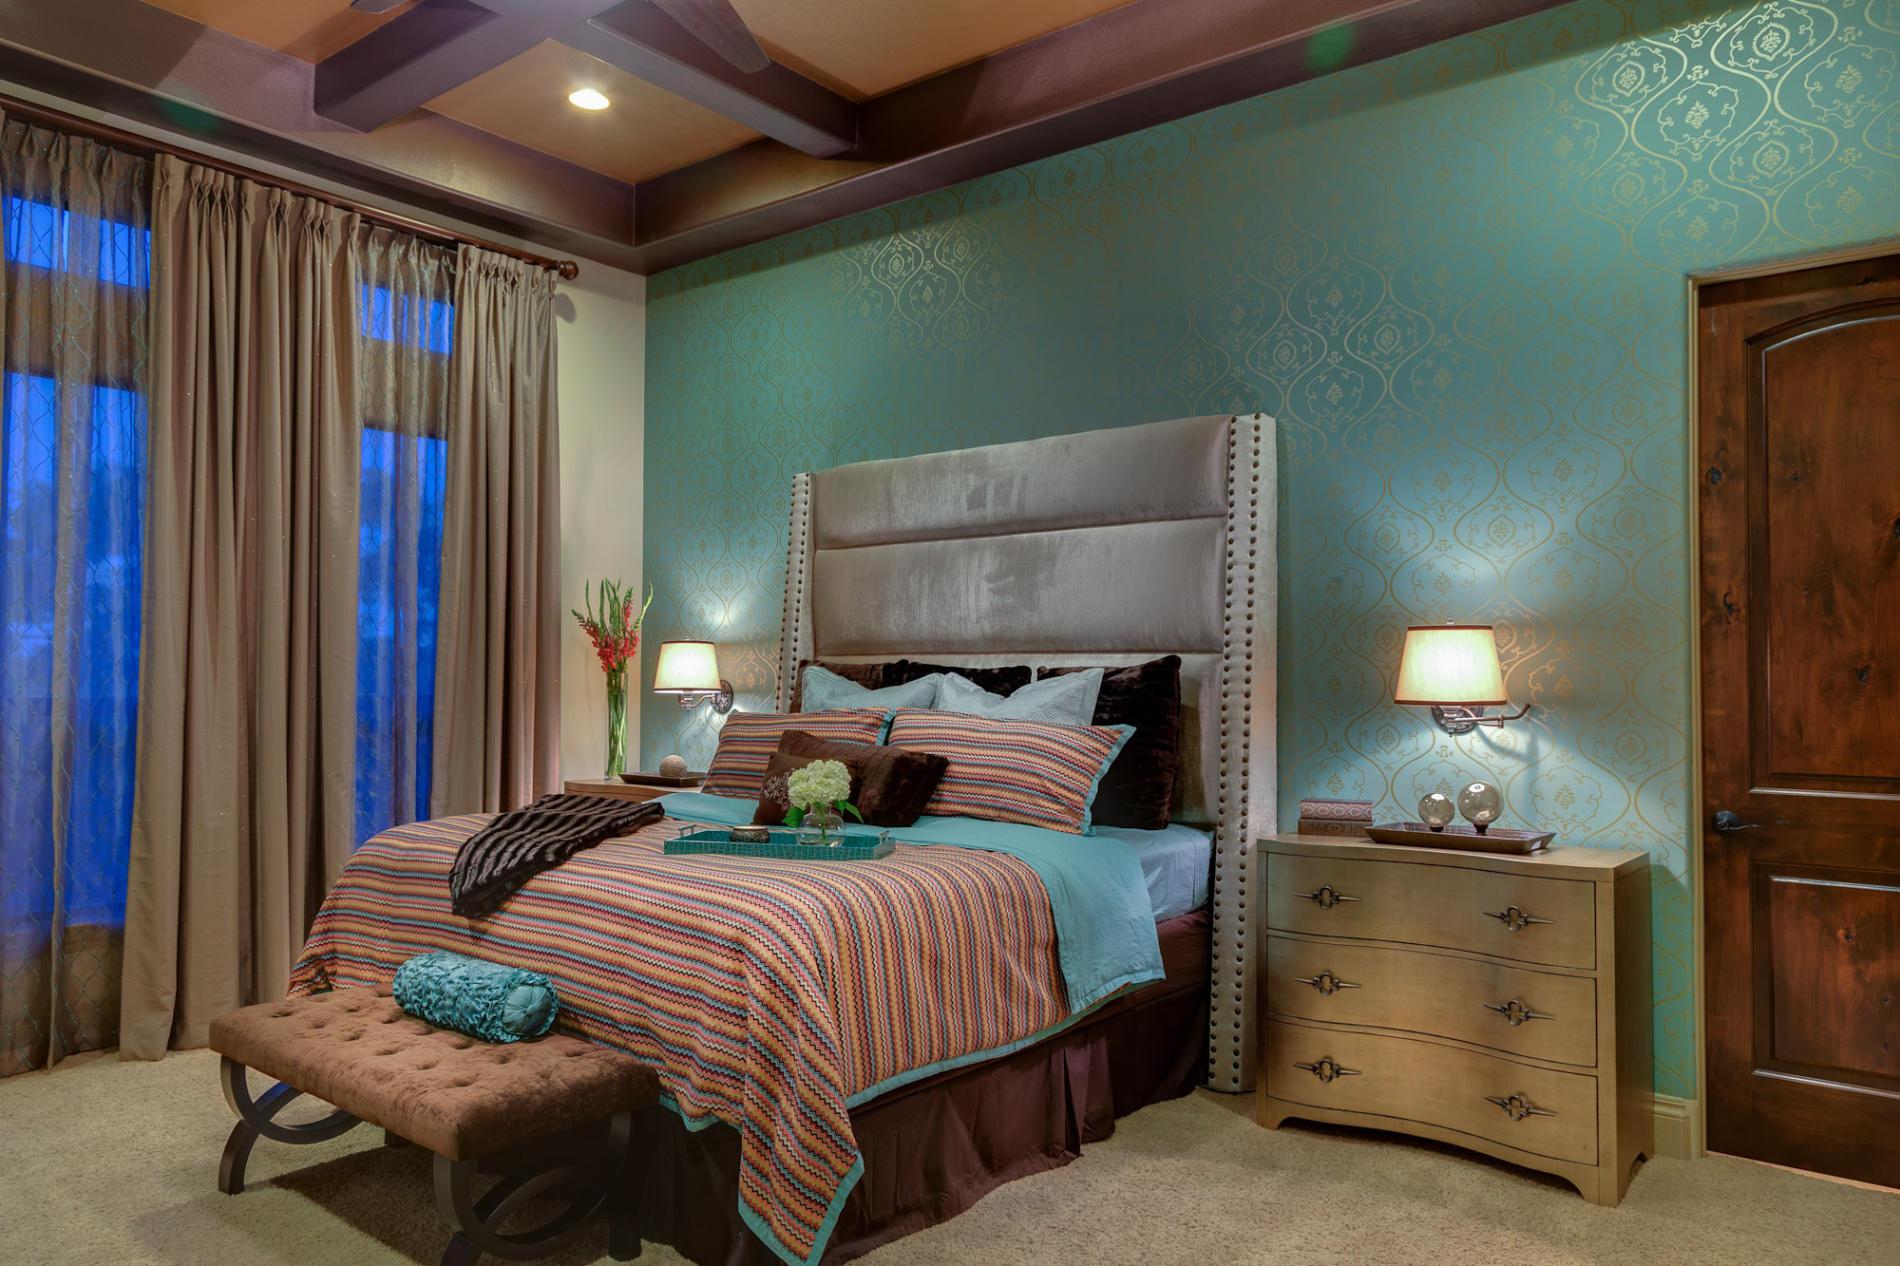 дизайн интерьера спальни (2).jpg